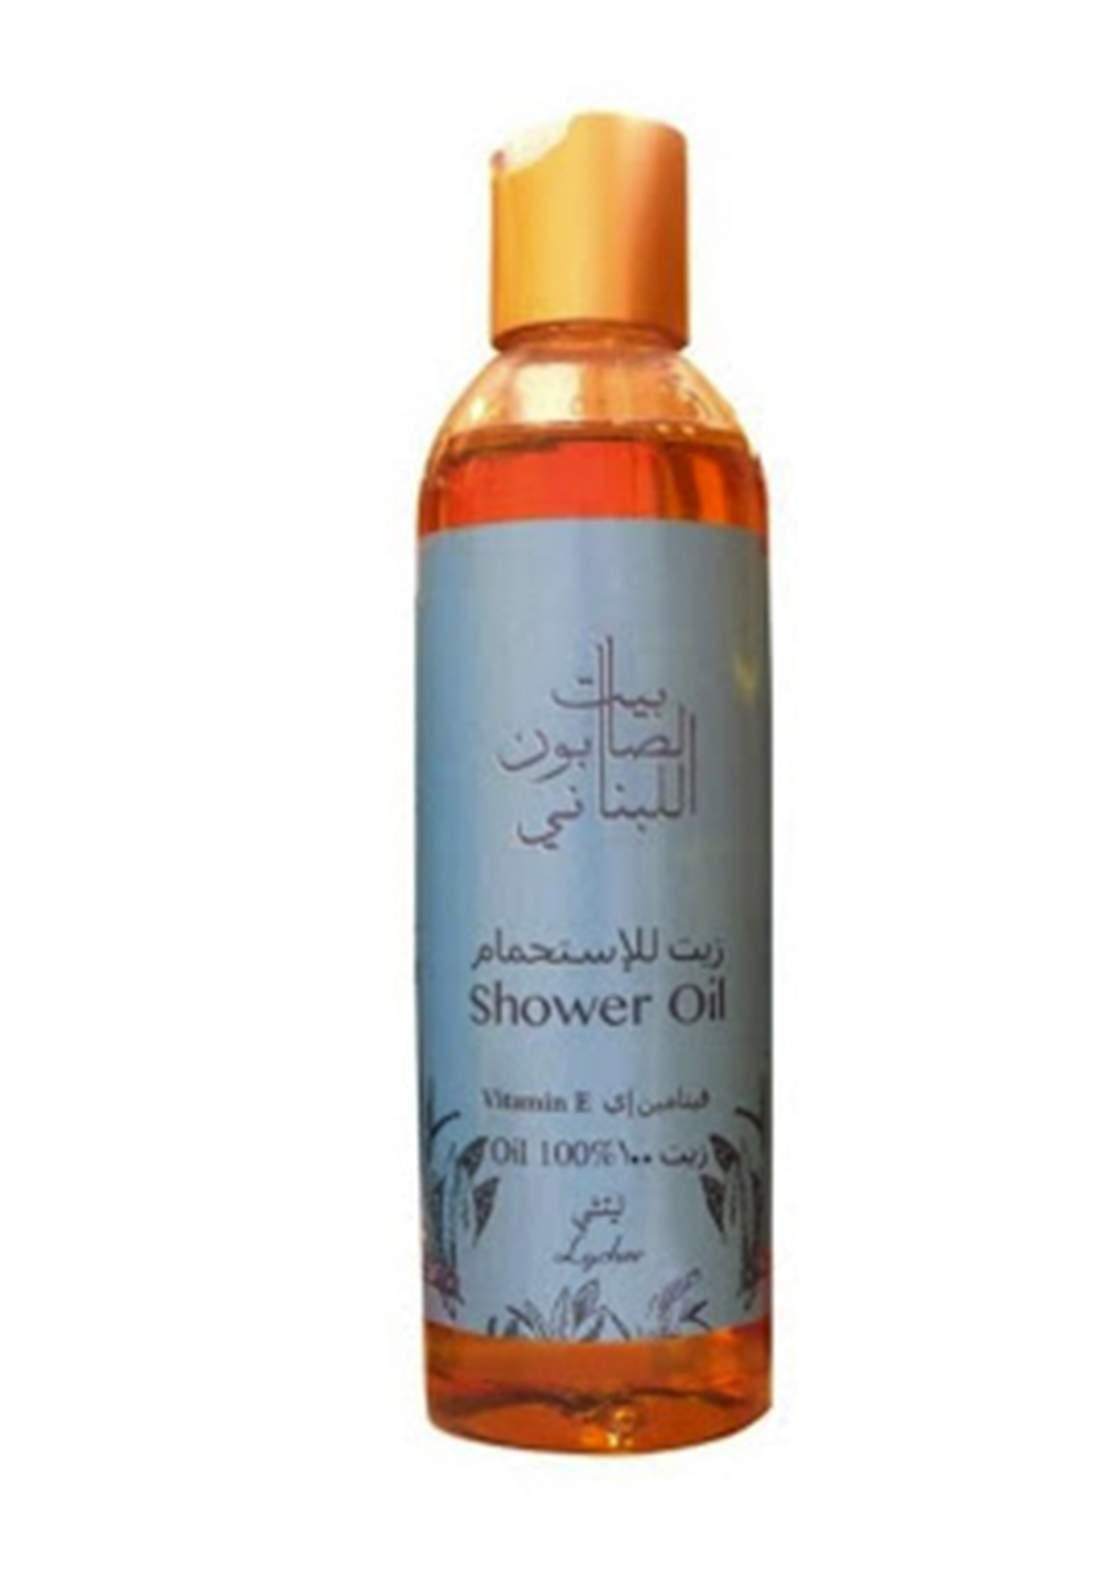 Bayt Alsaboun Alloubnani-317469 Shower Oil Vitamin E Luchee 250ml زيت الاستحمام